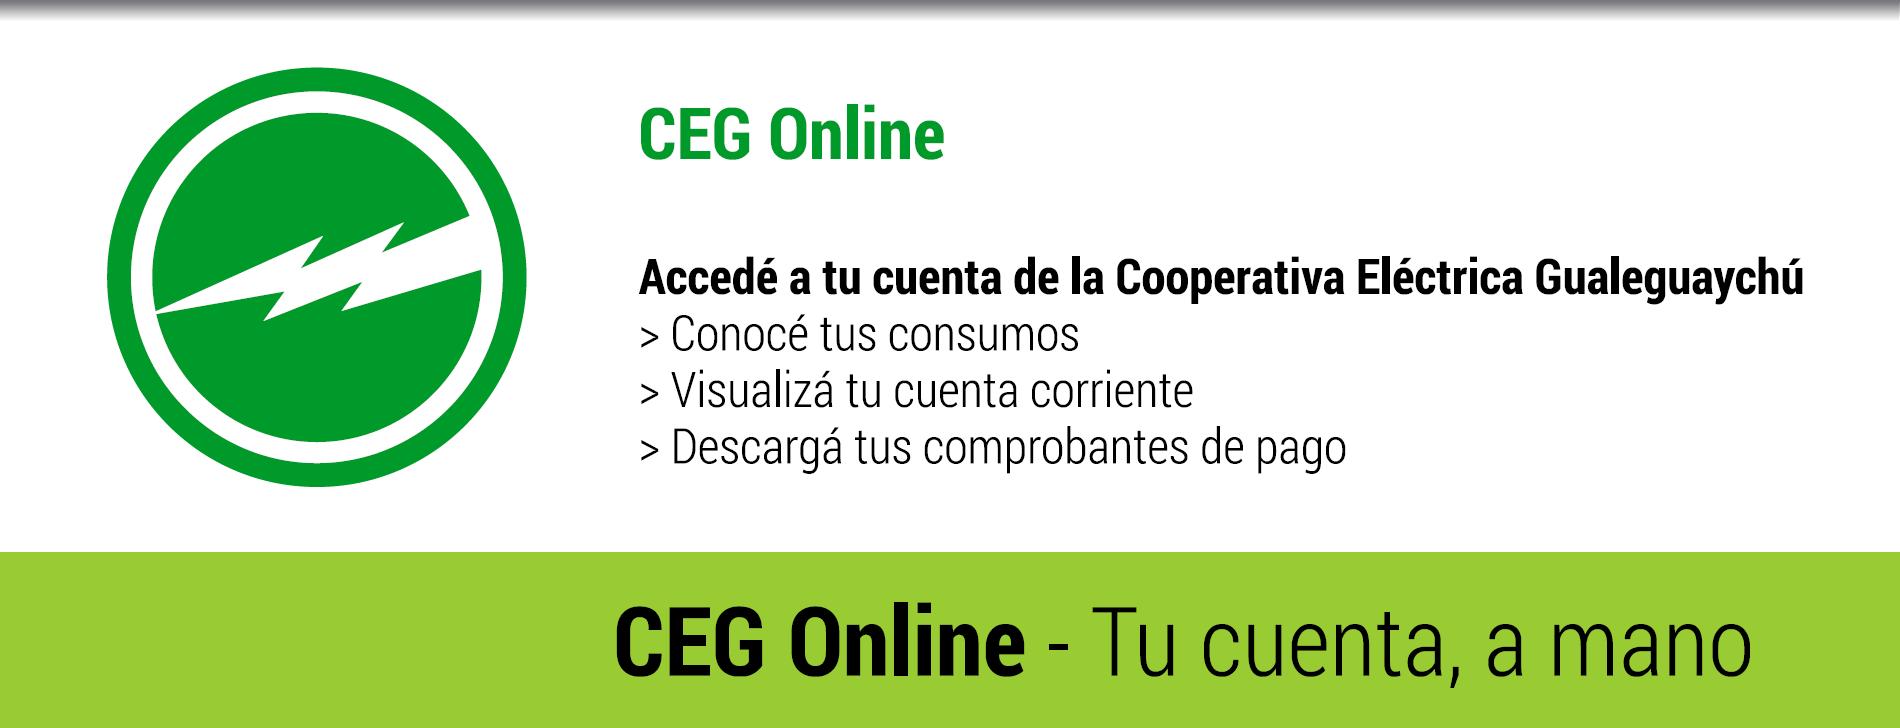 ceg-online-slider